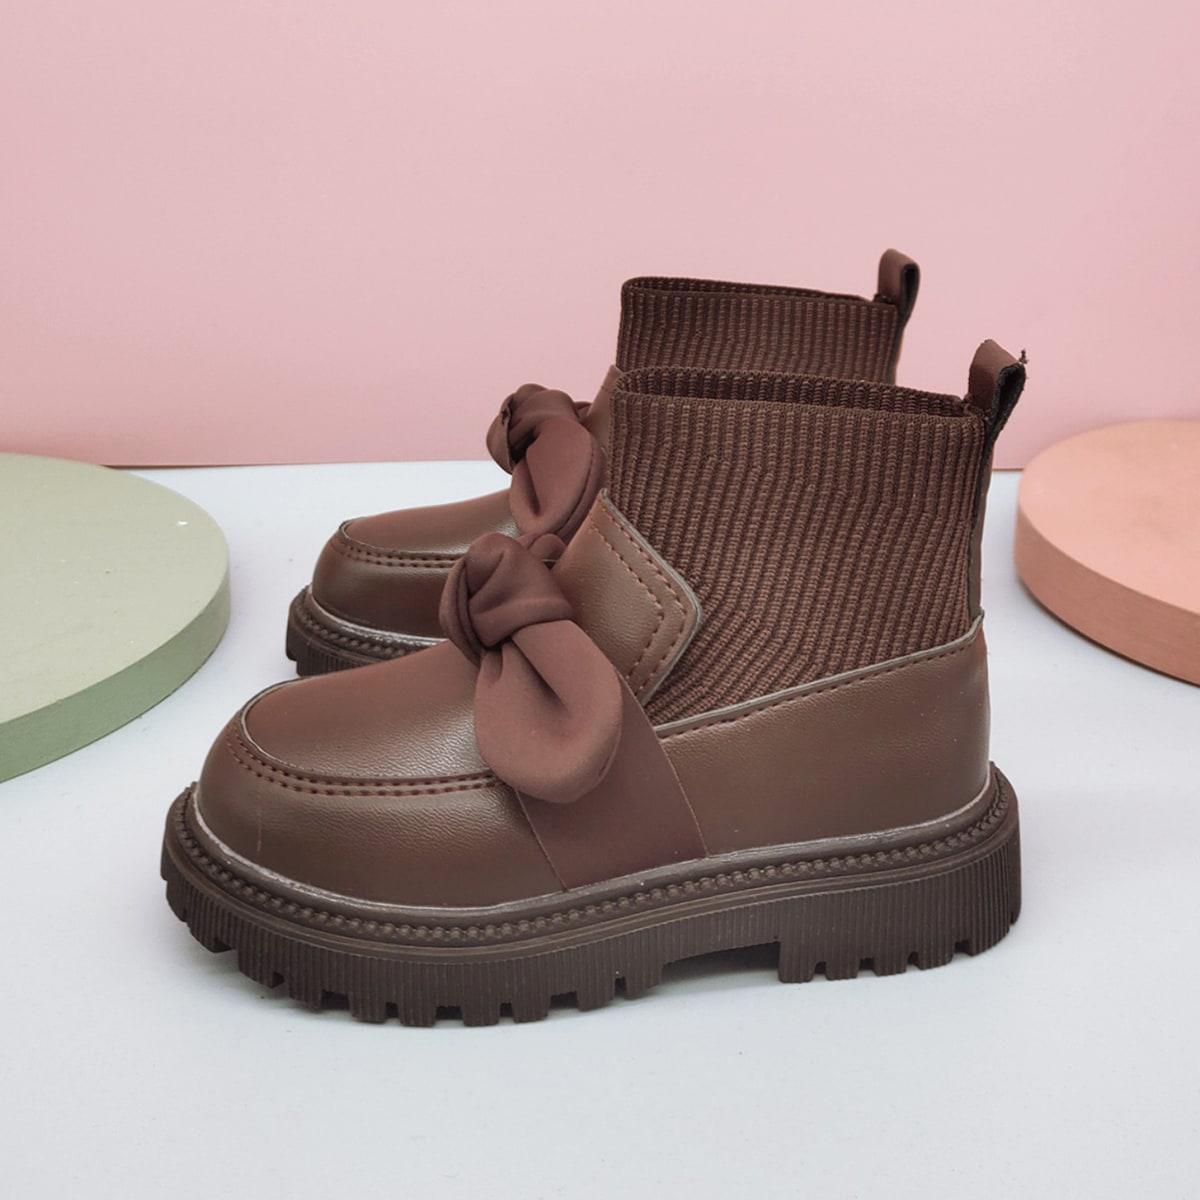 Ботинки с бантом для девочек SheIn sk2108086883463886